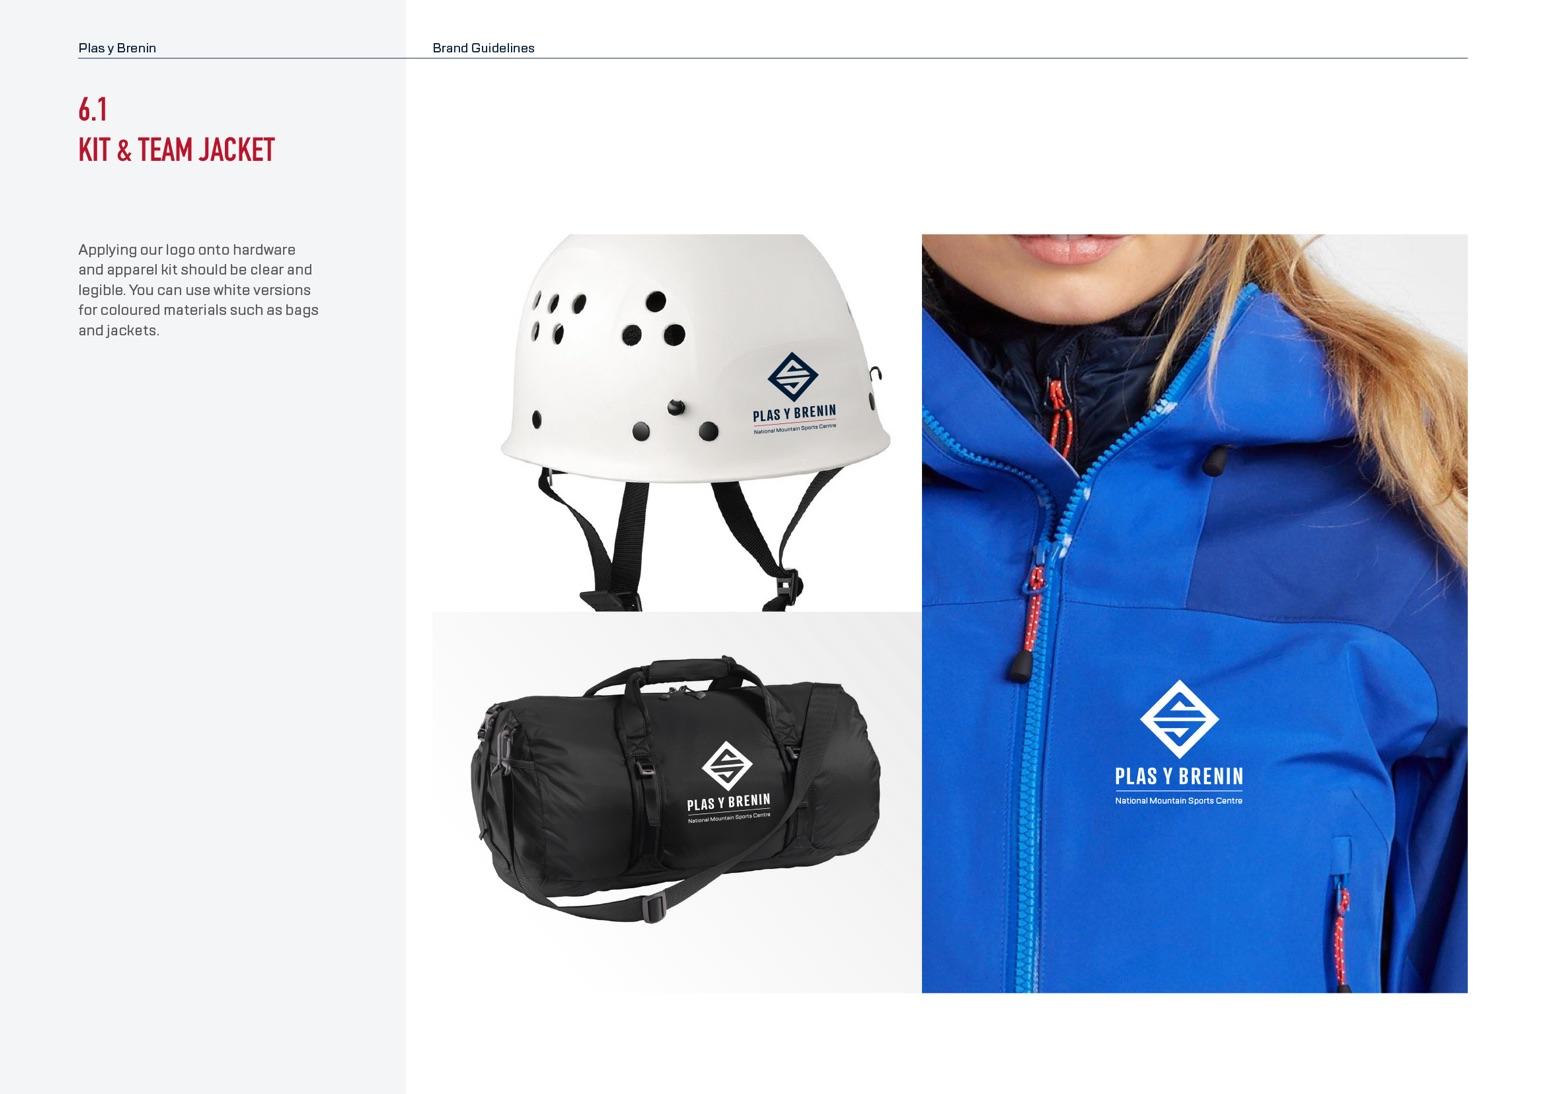 Plas Y Brenin (PYB) Brand Guidelines - Kit & Team Jacket Examples